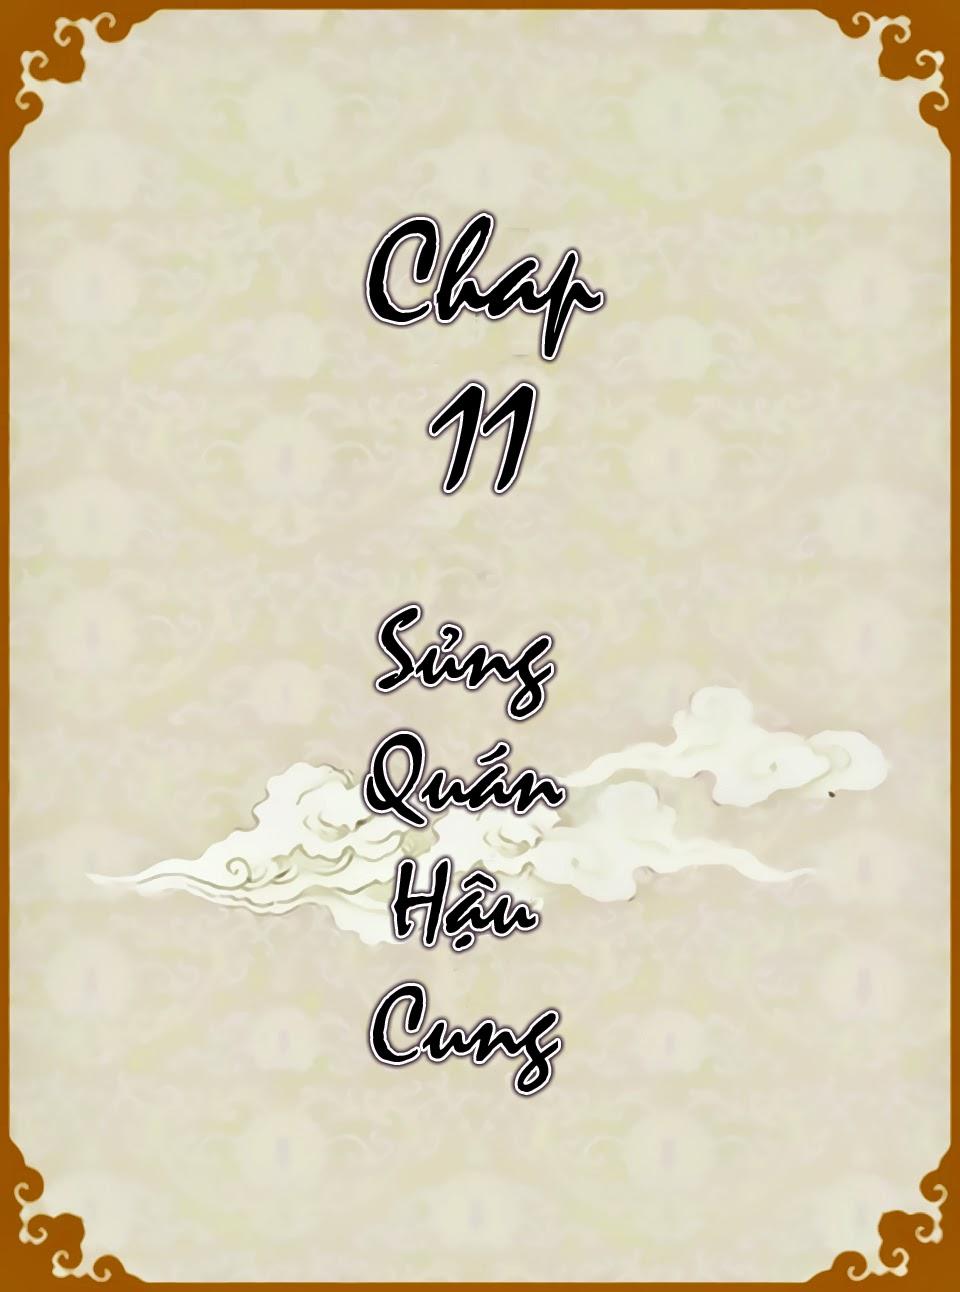 Chân Hoàn Truyện Chap 11.1 - Next Chap 12